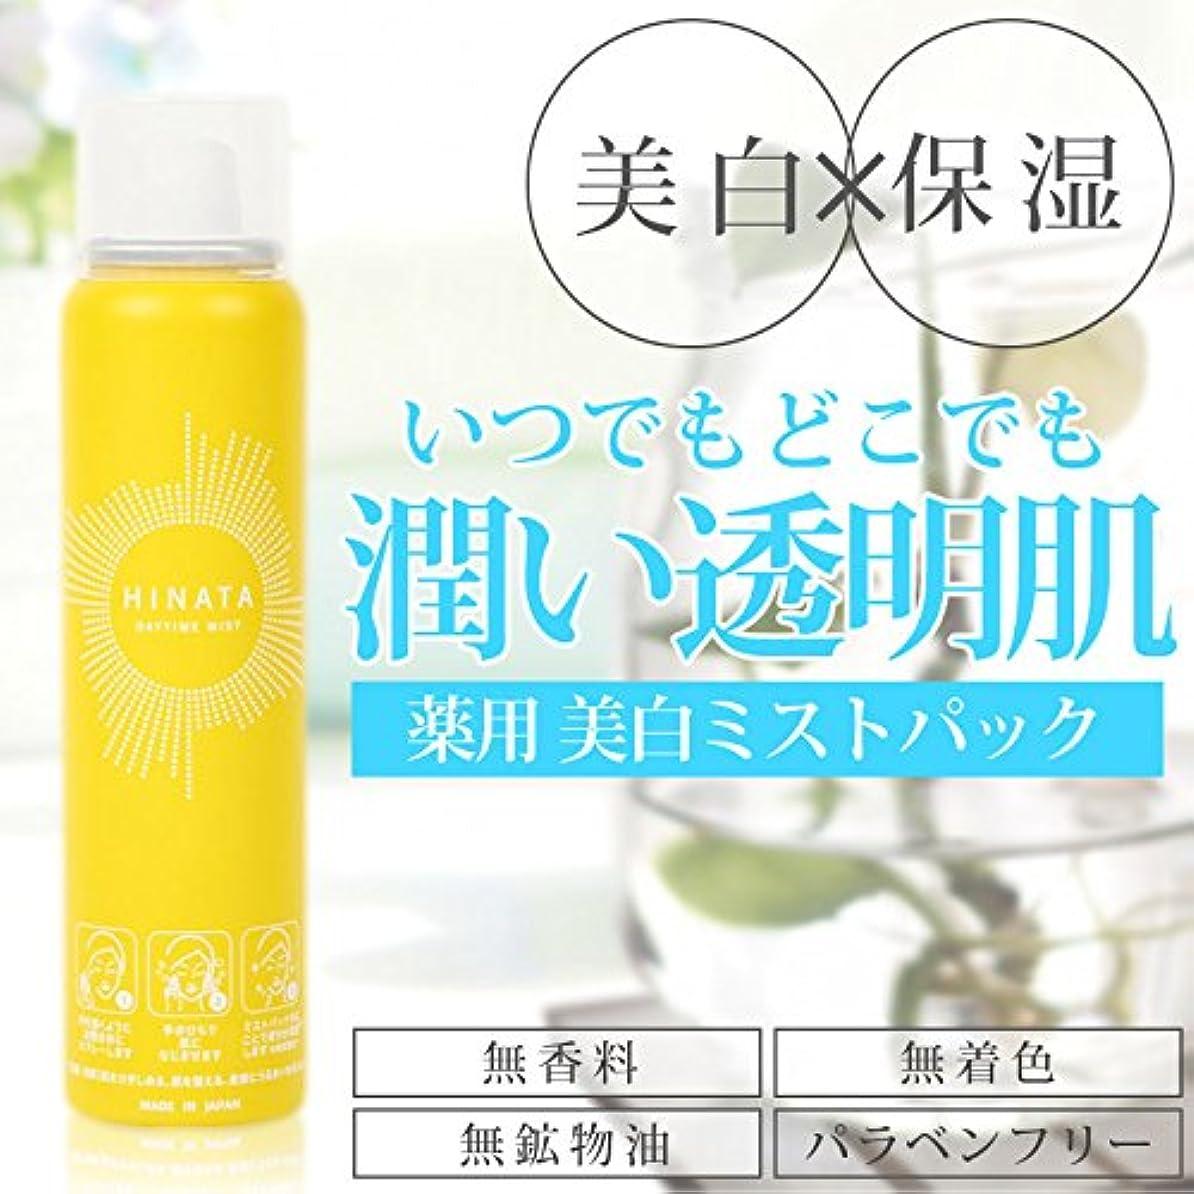 グレーパワー時折化粧水 ヒナタ 医薬部外品 ミストパック ミストスプレー 美白